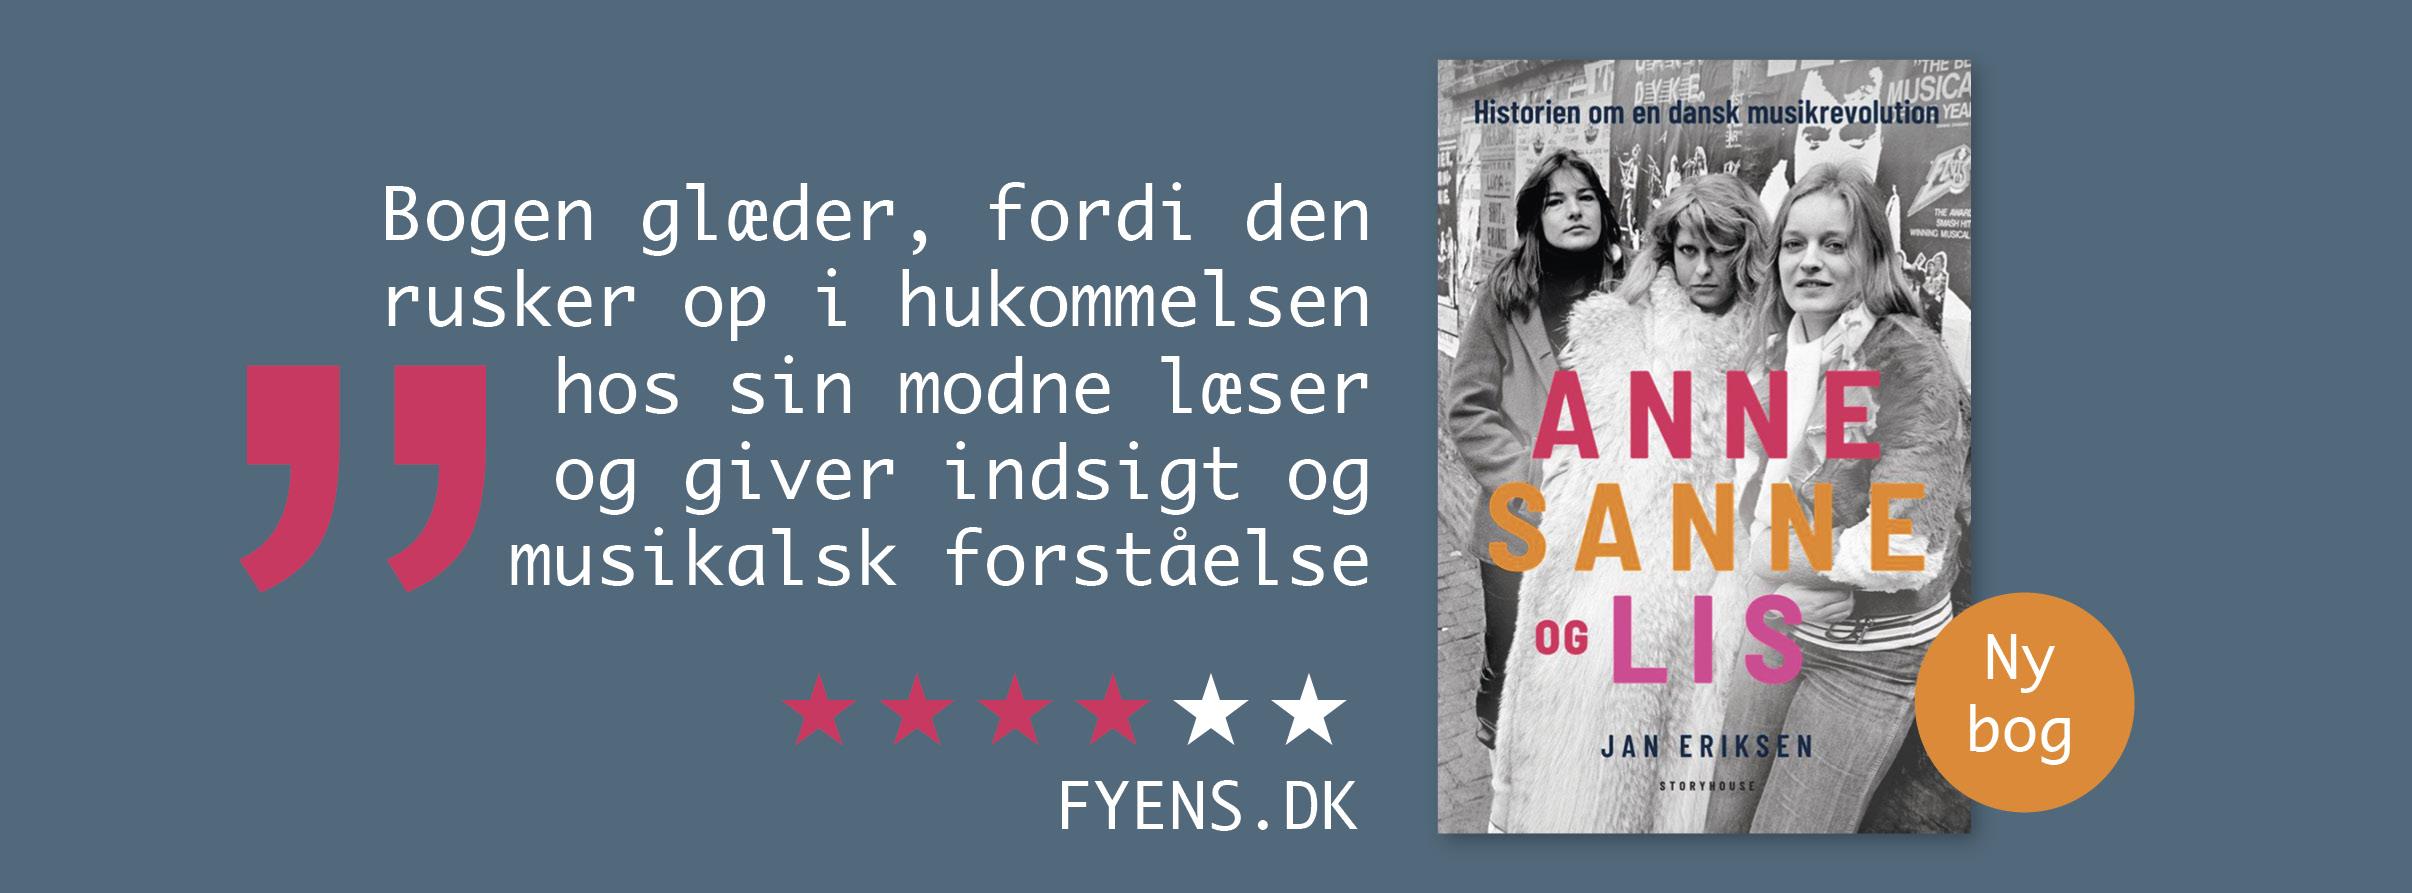 Fyens.dk